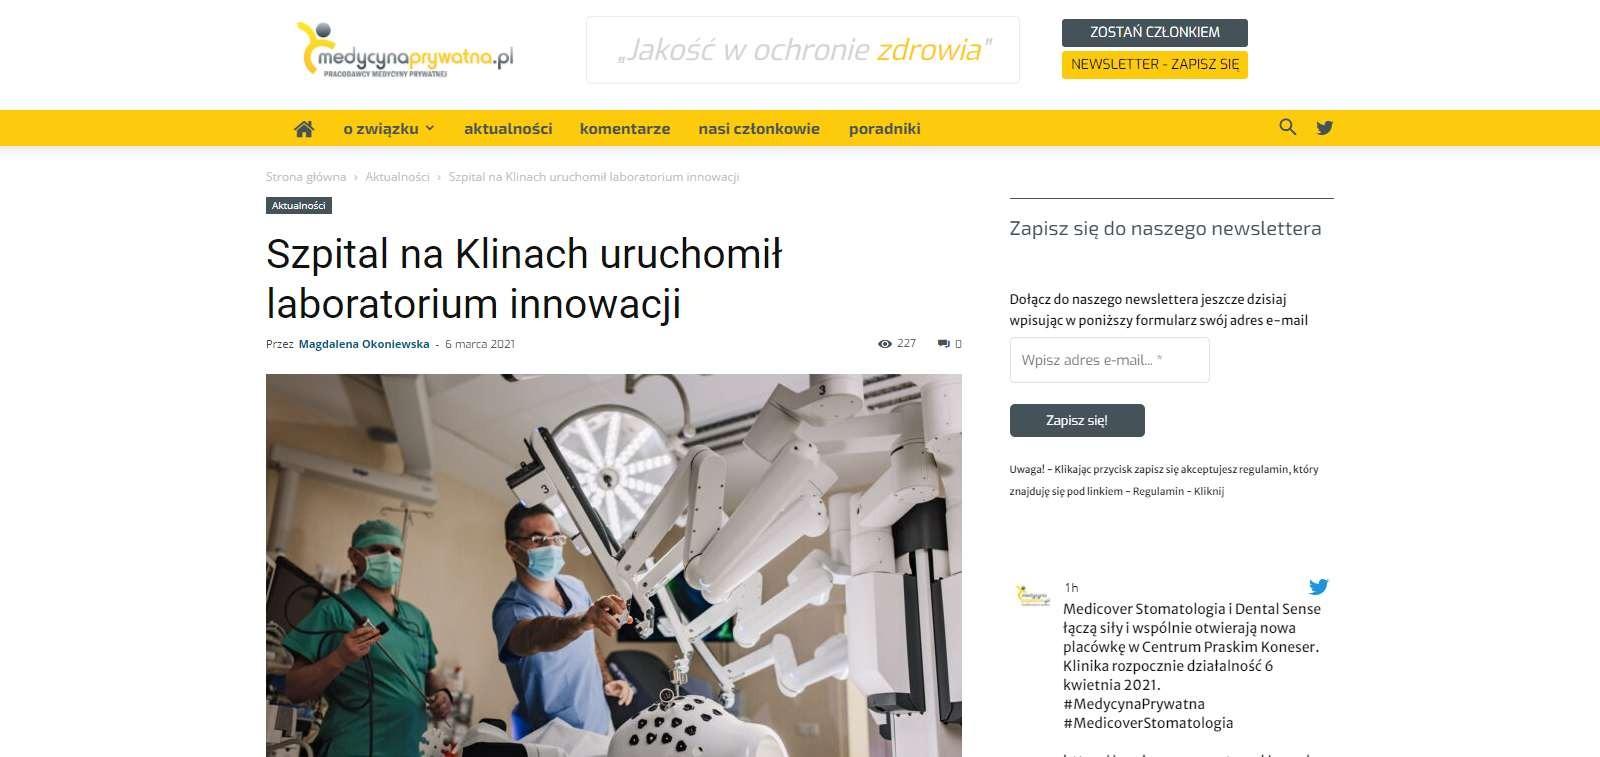 szpital na klinach uruchomil laboratorium innowacji